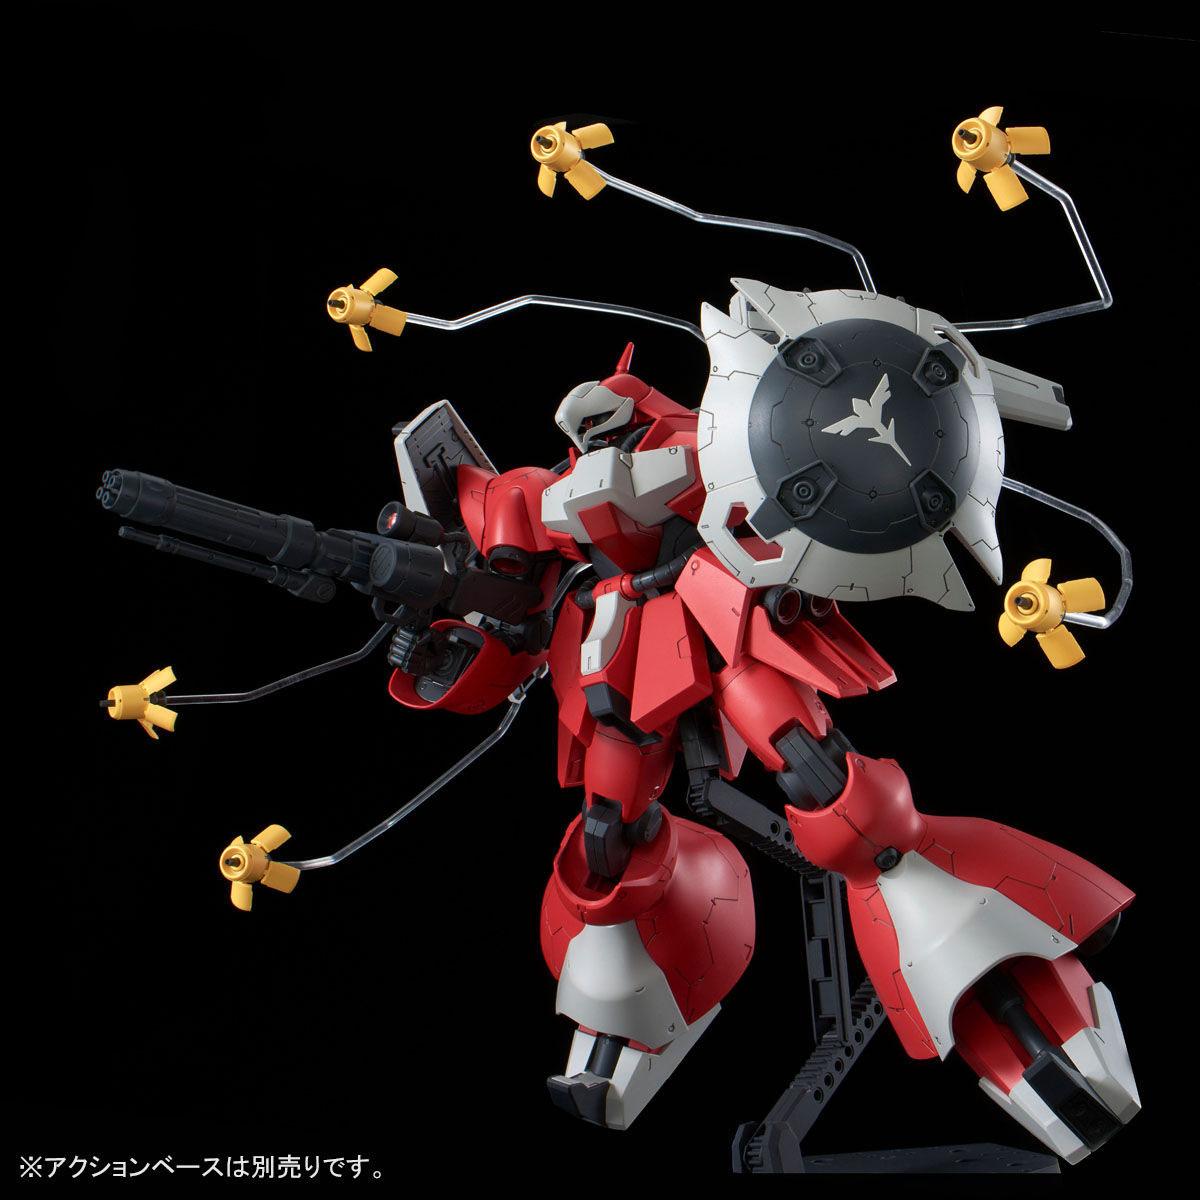 RE/100『ヤクト・ドーガ(クェス・エア機)』機動戦士ガンダム 逆襲のシャア 1/100 プラモデル-006